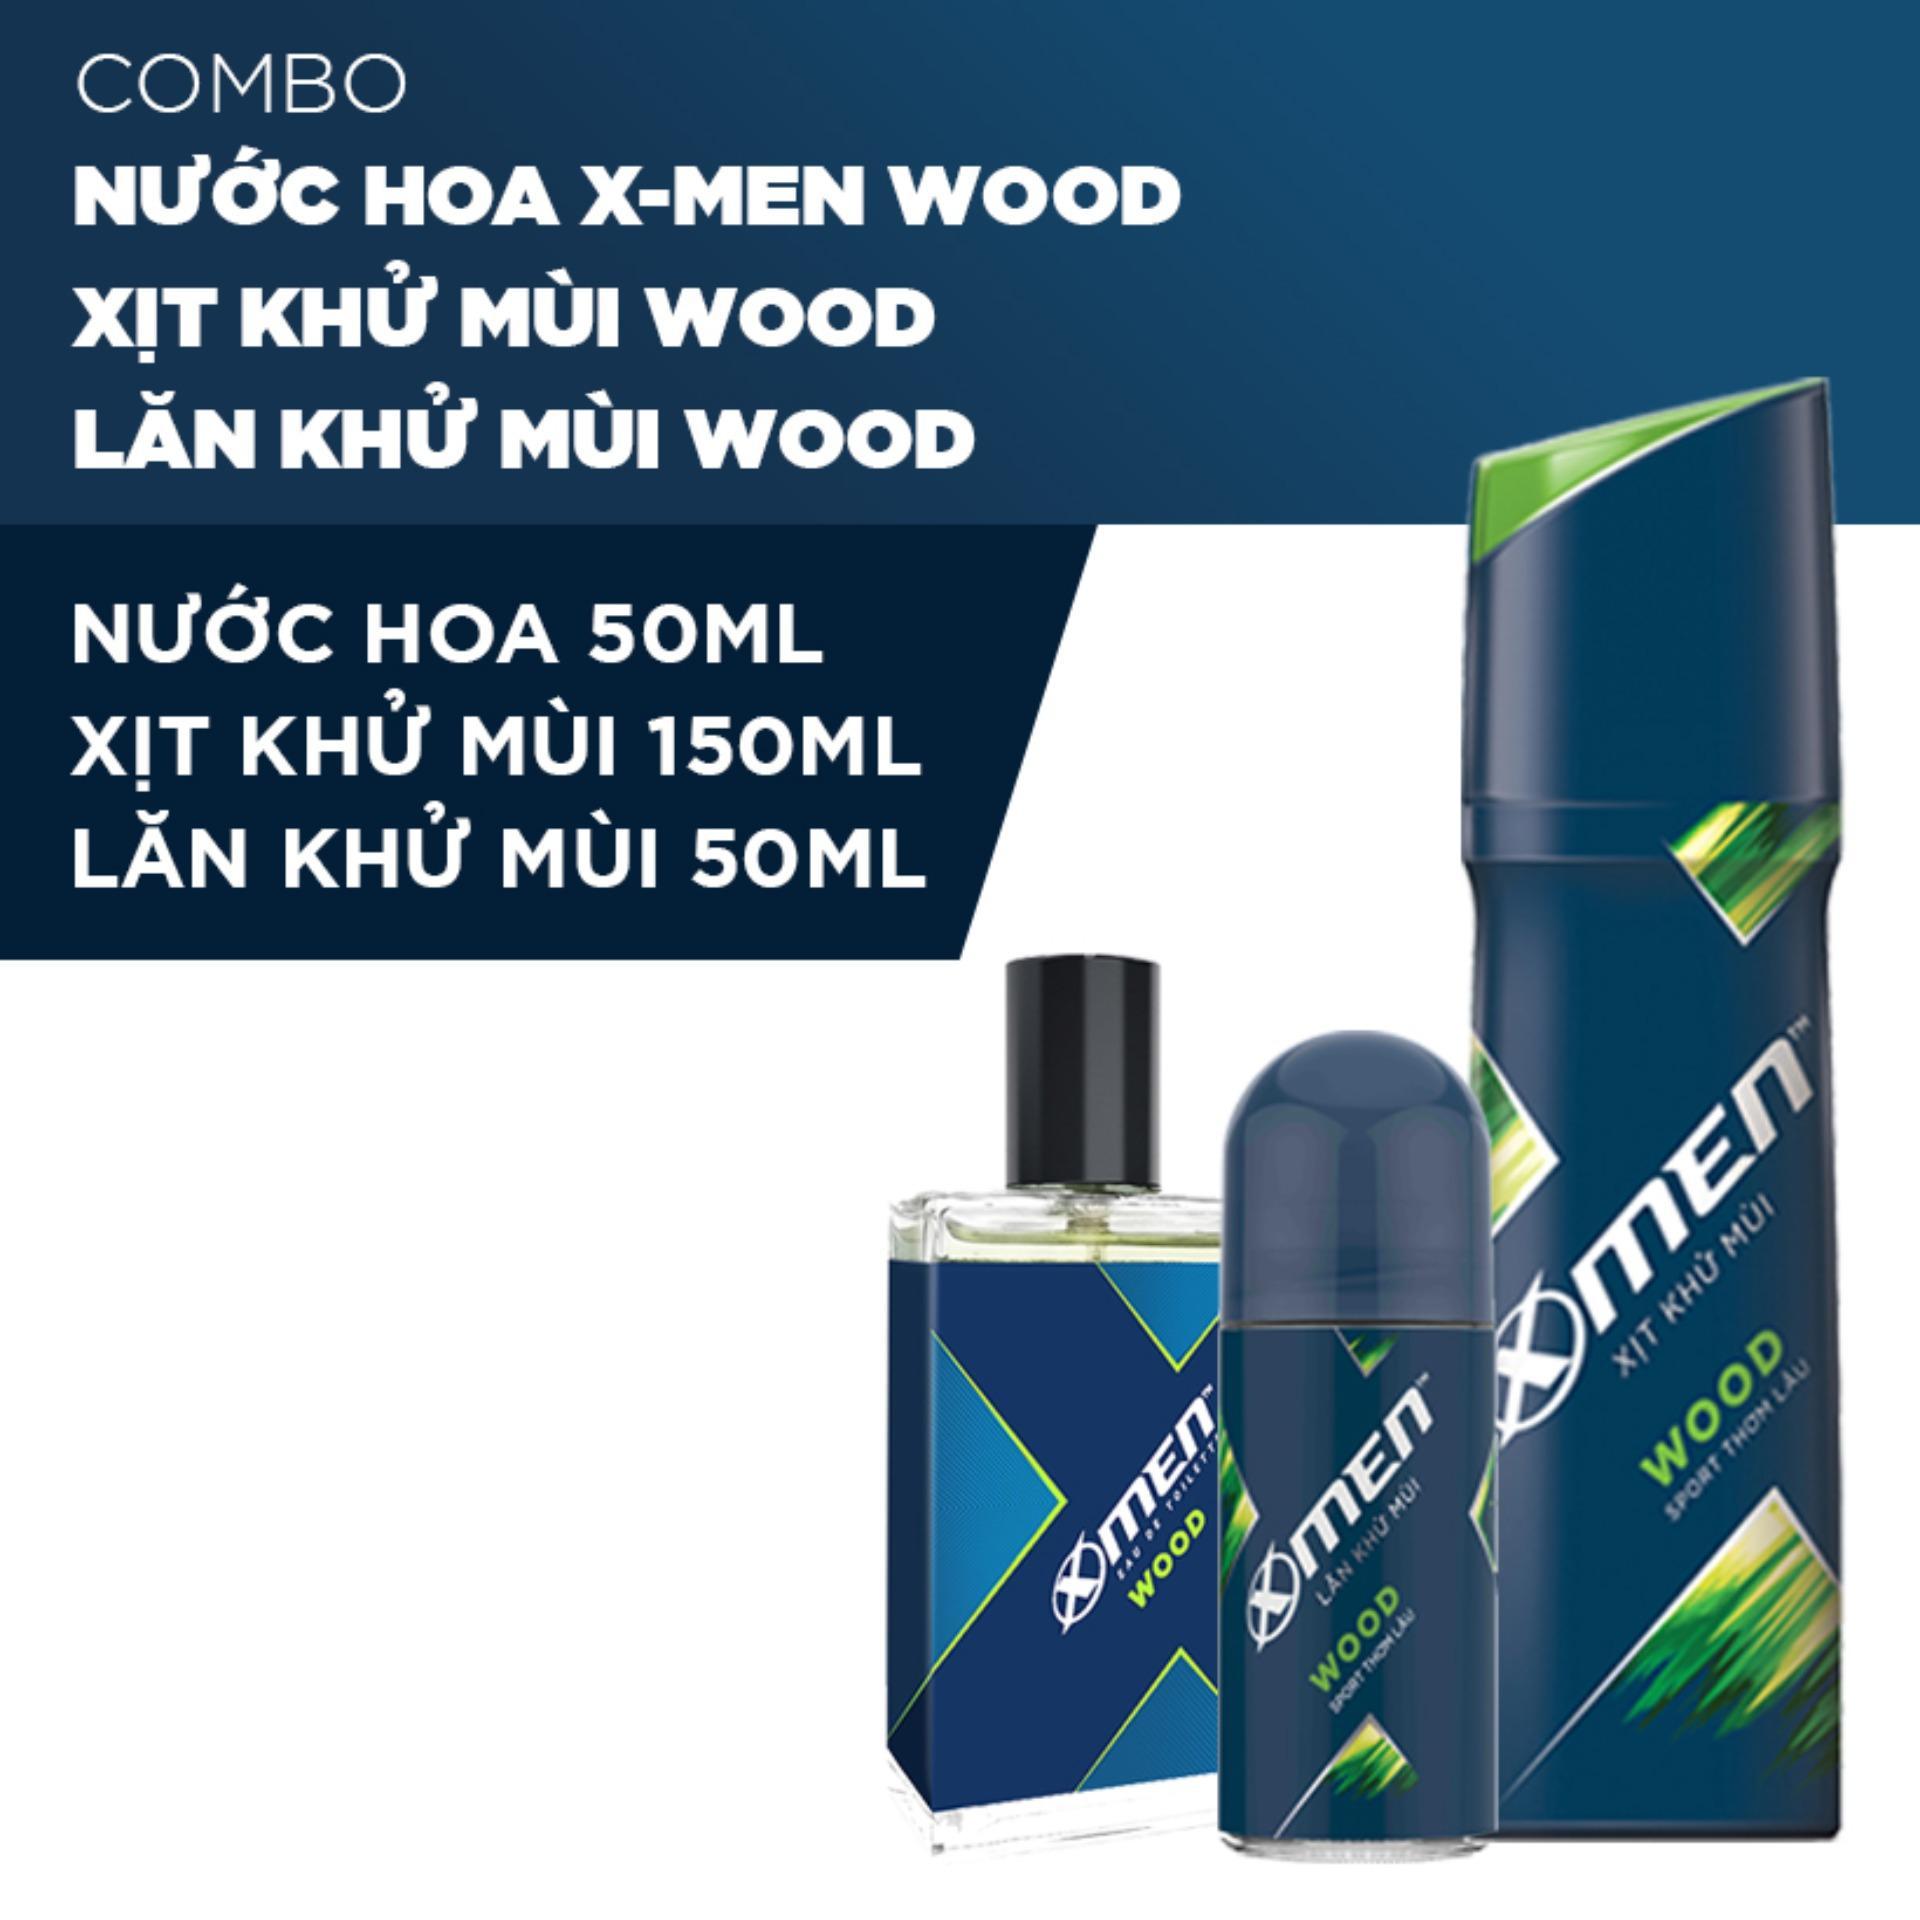 Combo Nước hoa X-men Wood 50ml + Xịt khử mùi Xmen Wood 150ml + Lăn khử mùi Wood 50ml tốt nhất